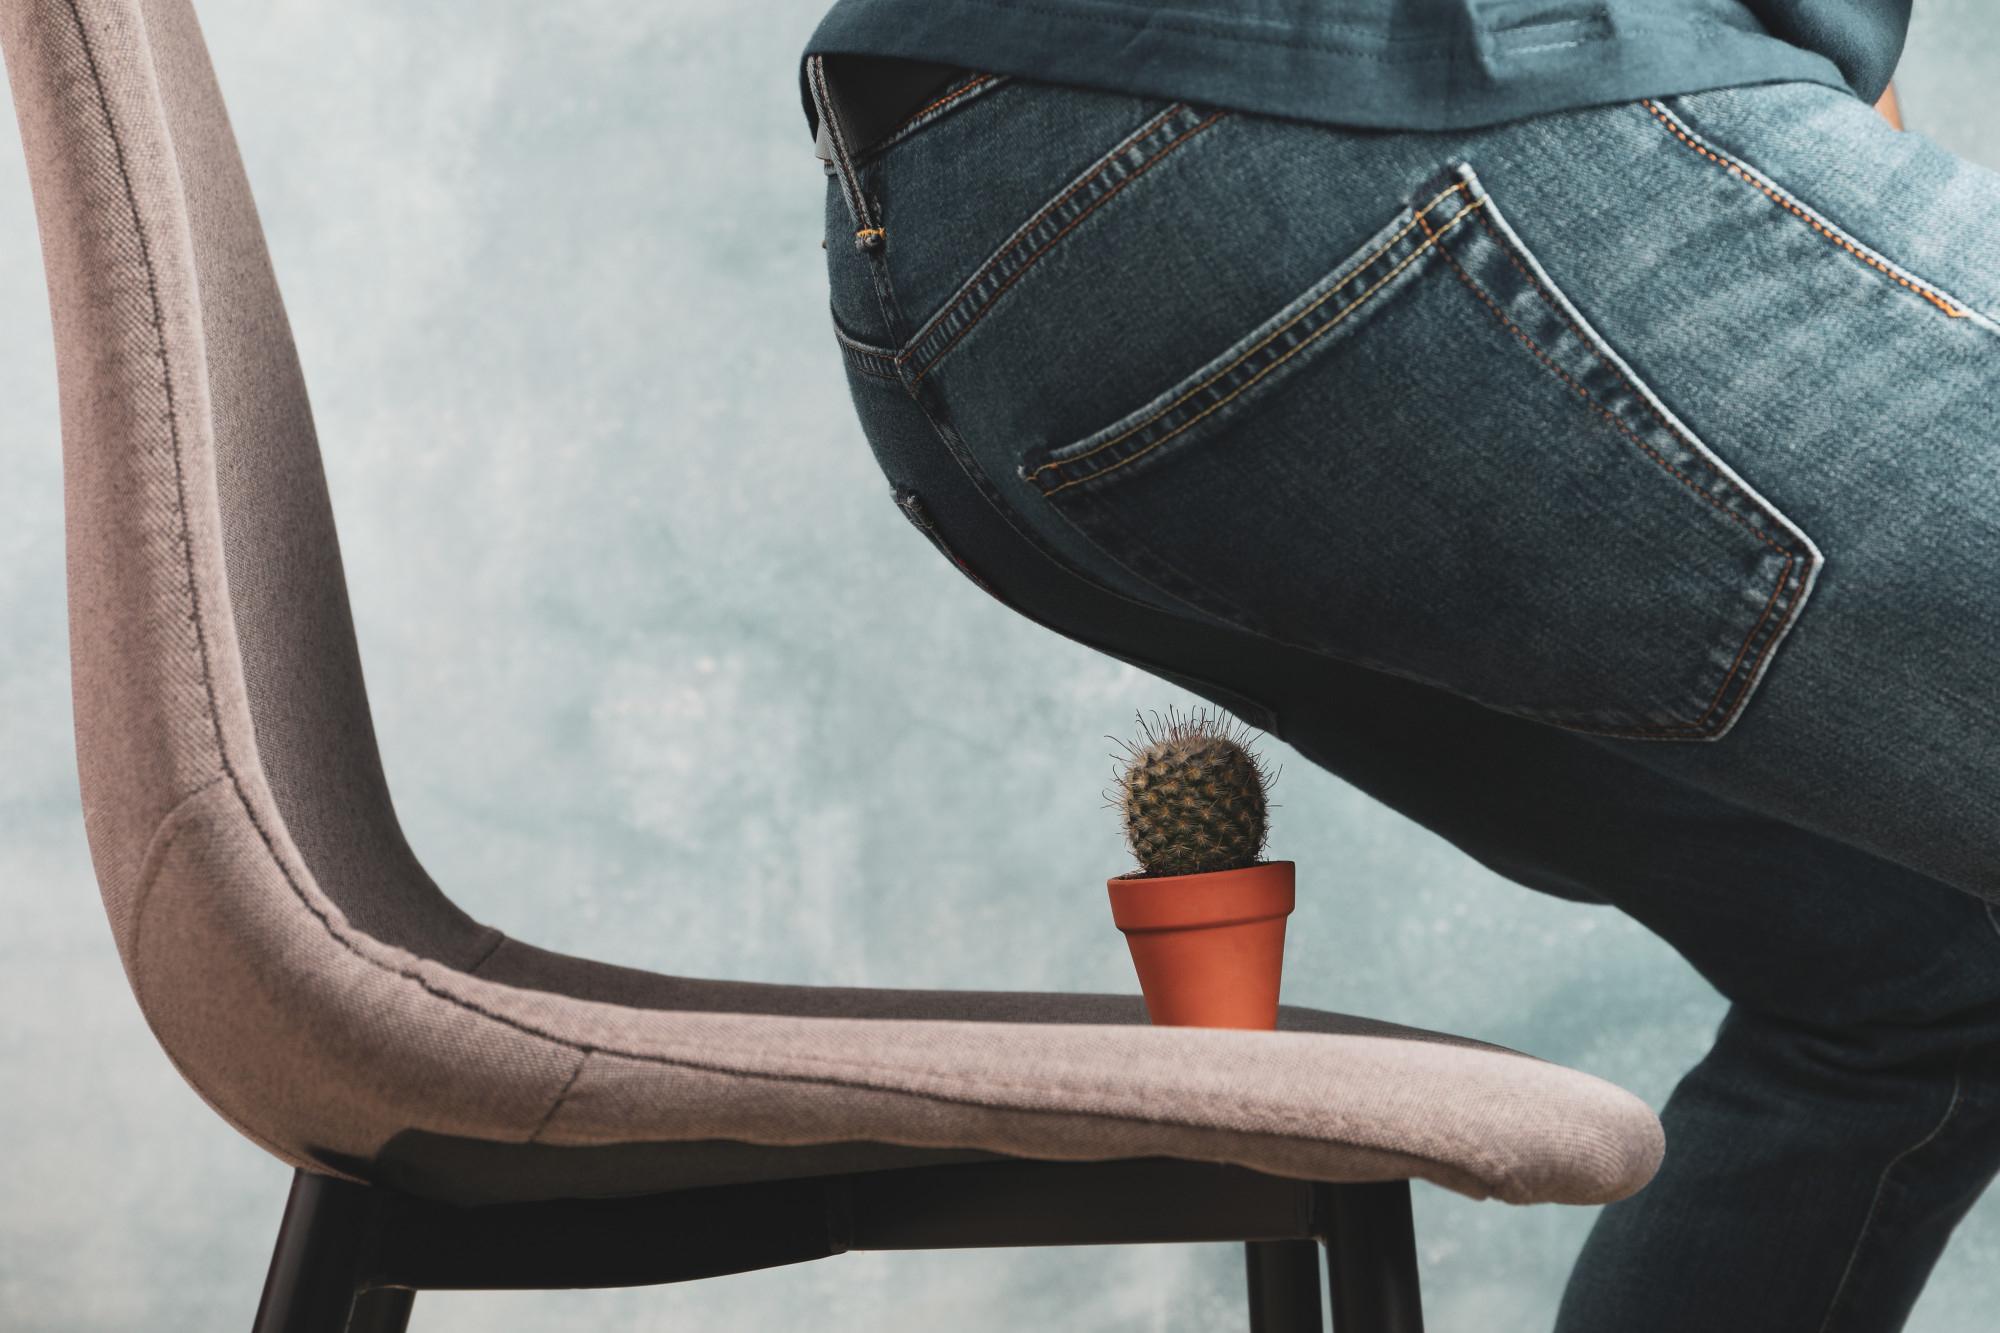 Homem com dor para se sentat por hemorroidas ou fissura anal